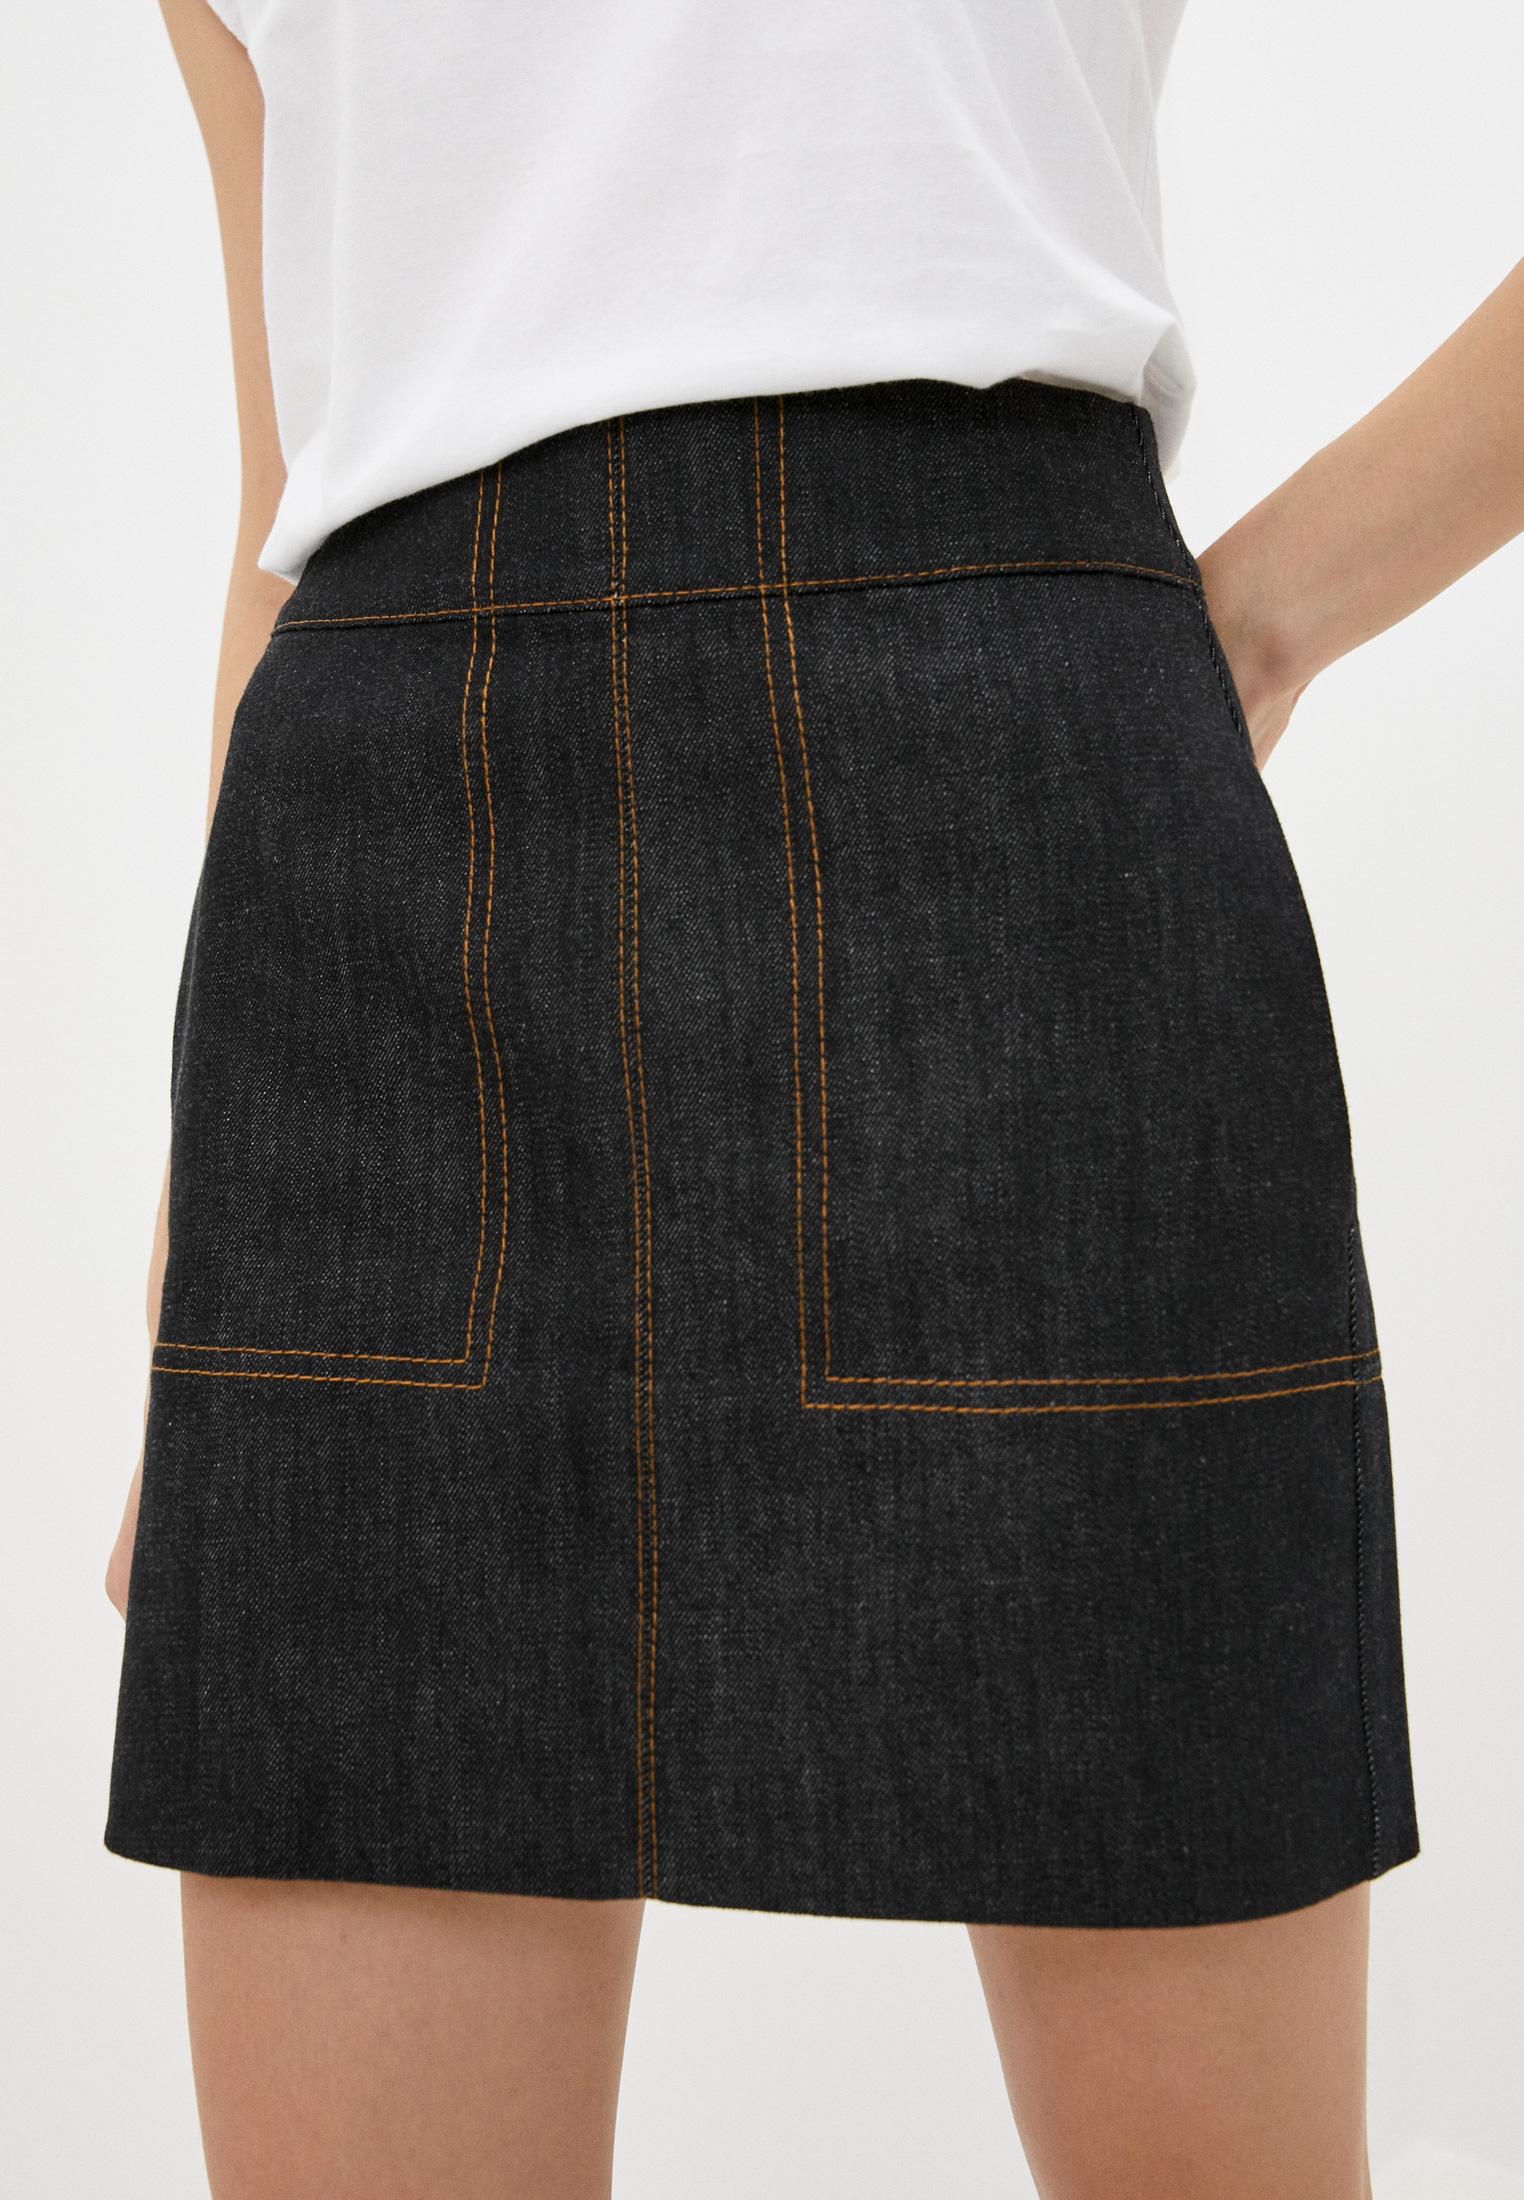 Джинсовая юбка Dorothee Schumacher Юбка джинсовая Dorothee Schumacher